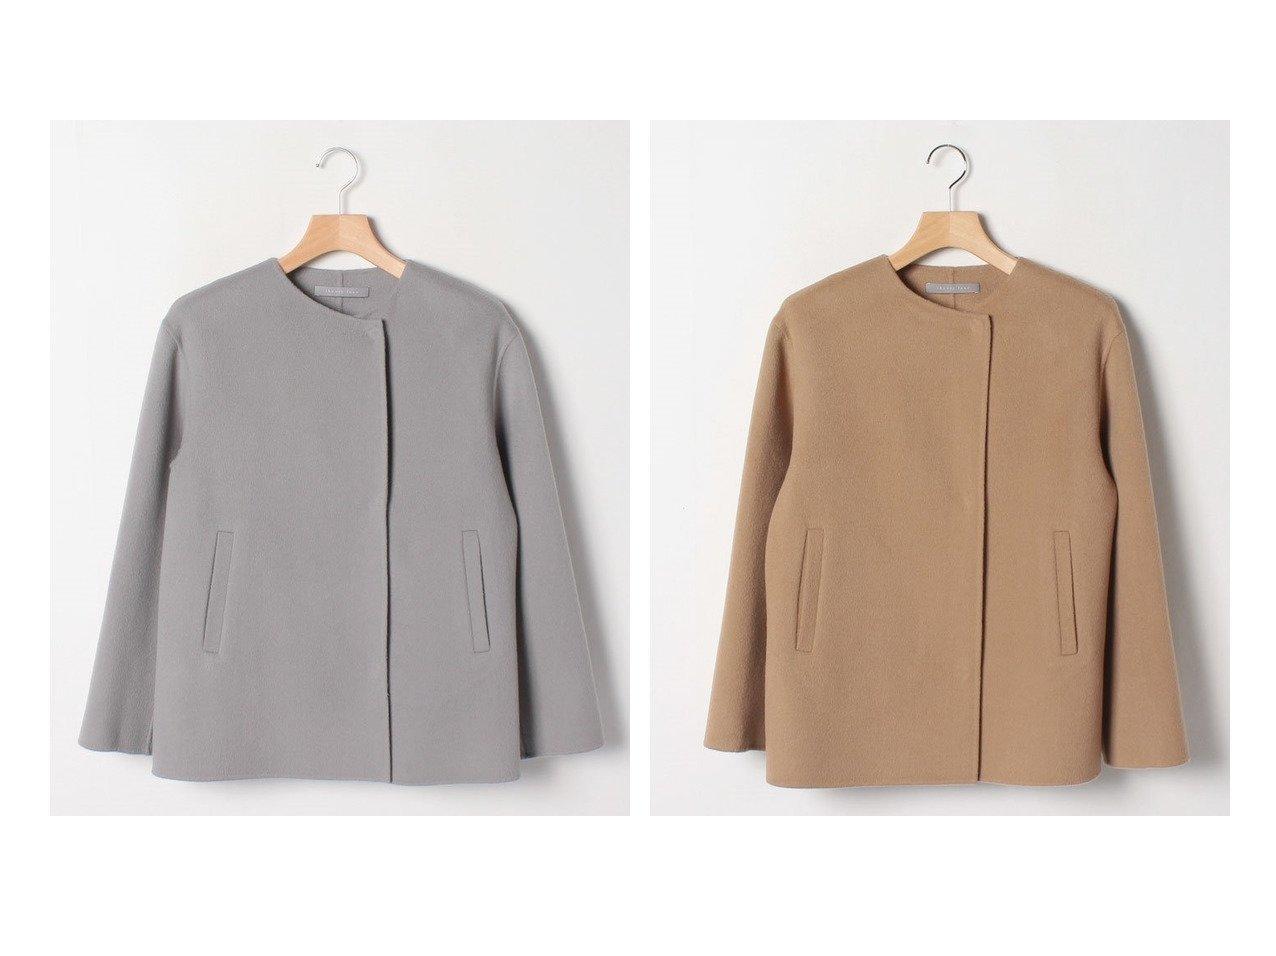 【Theory Luxe/セオリーリュクス】のコート MOTION REME アウターのおすすめ!人気トレンド・レディースファッションの通販 おすすめで人気のファッション通販商品 インテリア・家具・キッズファッション・メンズファッション・レディースファッション・服の通販 founy(ファニー) https://founy.com/ ファッション Fashion レディースファッション WOMEN アウター Coat Outerwear コート Coats なめらか カシミヤ ショート フィット  ID:crp329100000007570